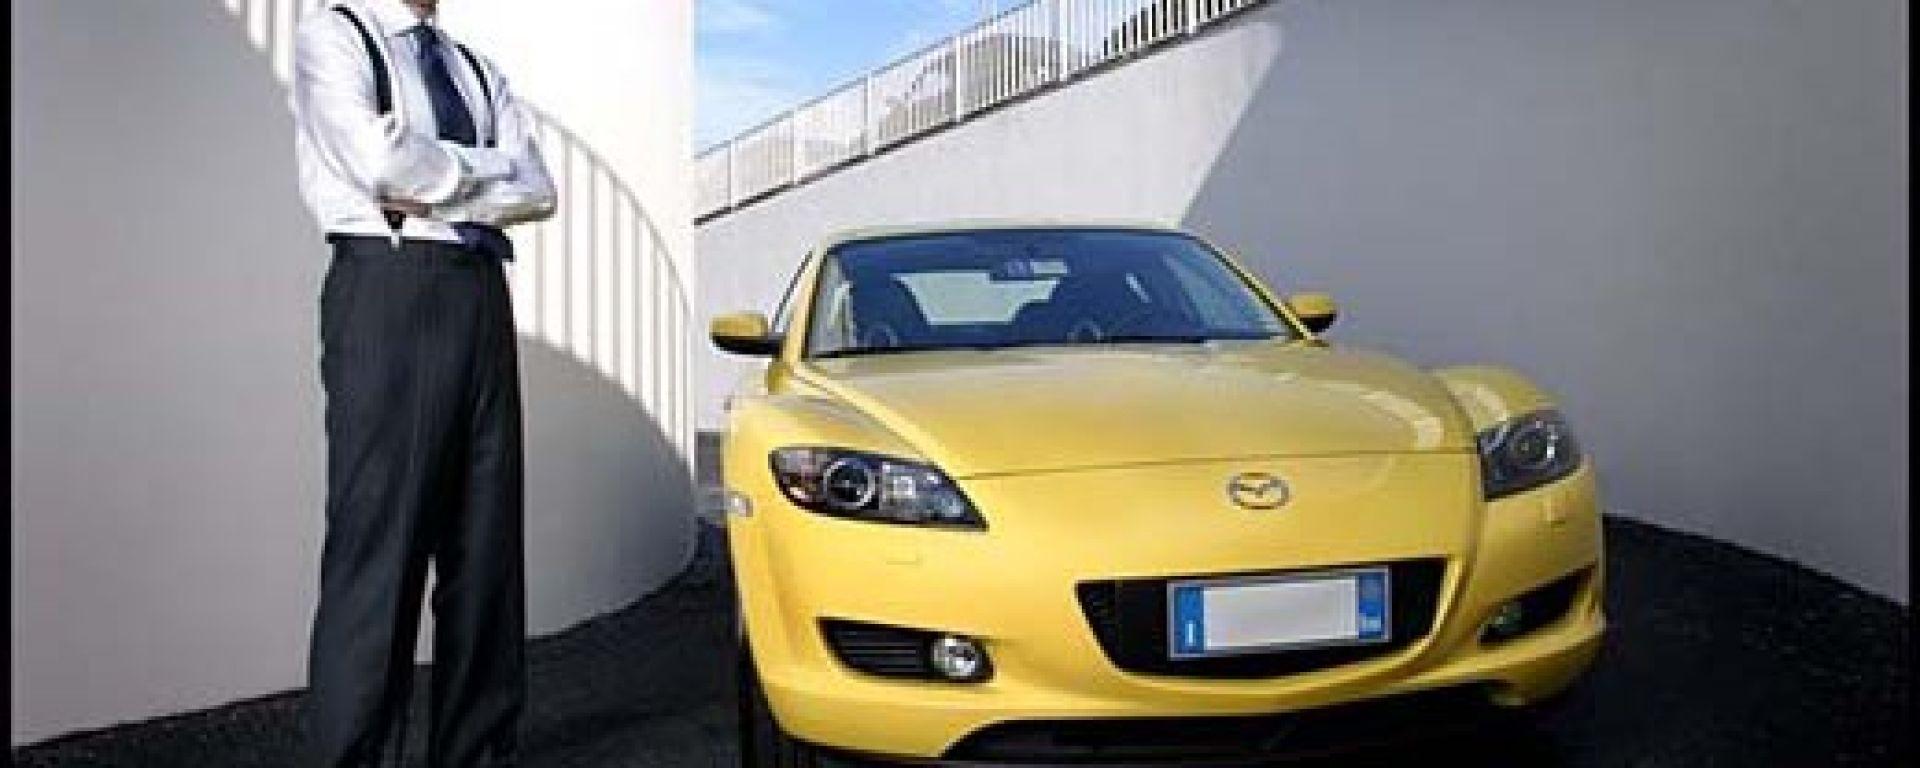 Comprereste una Mazda da quest'uomo?